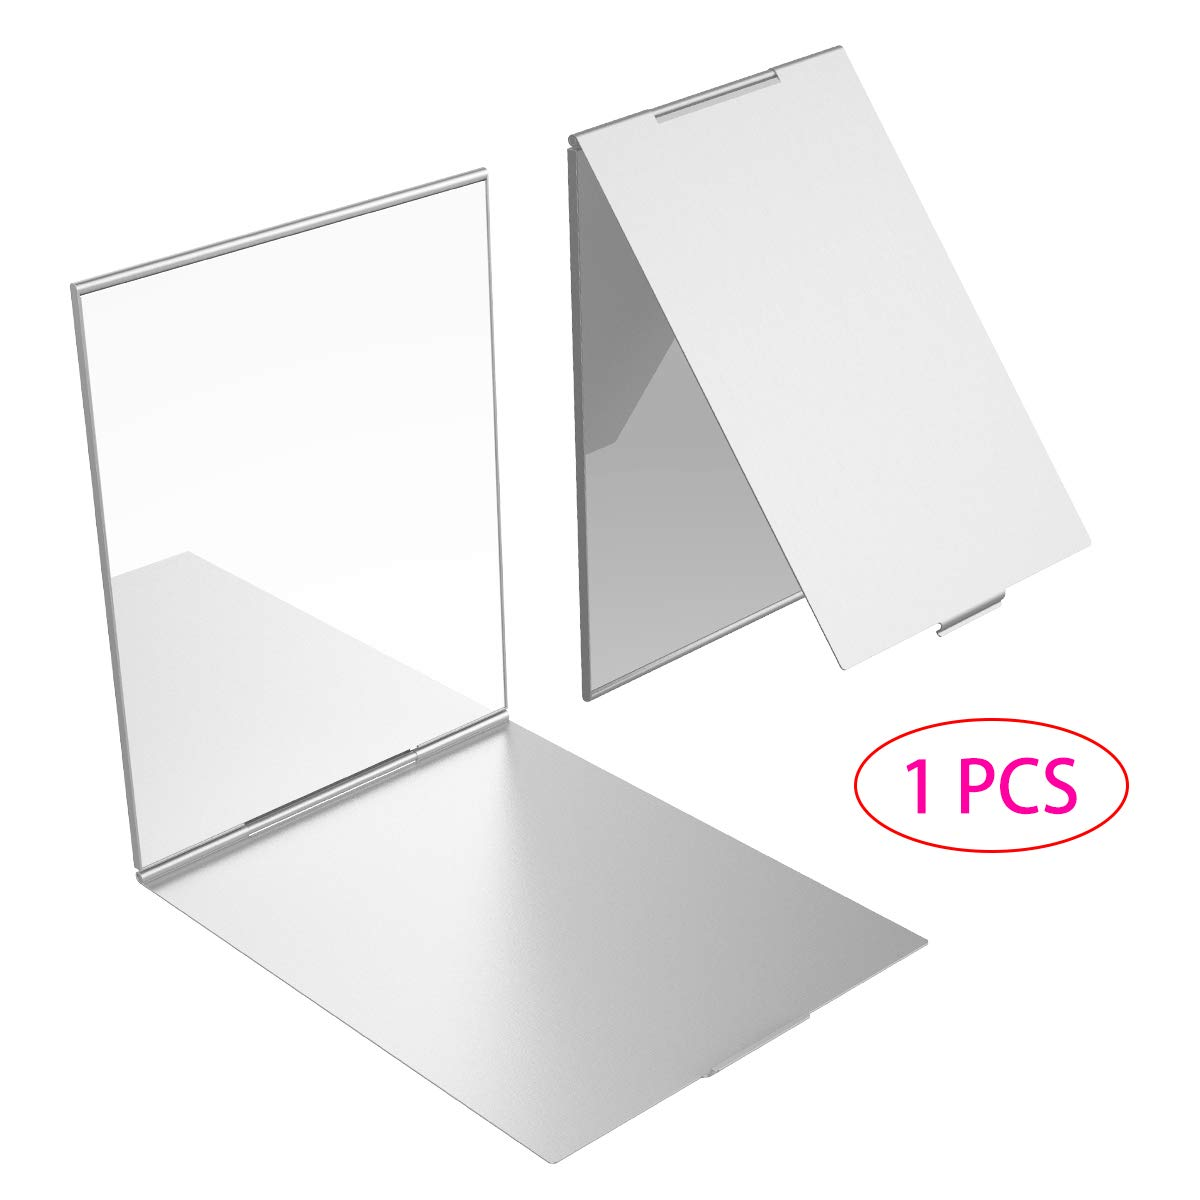 YoungRich Travel Kleiner Spiegel Portable Klappspiegel Tasche Kosmetikspiegel Kompaktspiegel für Make-up Hair Styling und Rasur 17x13x0.5cm Silber